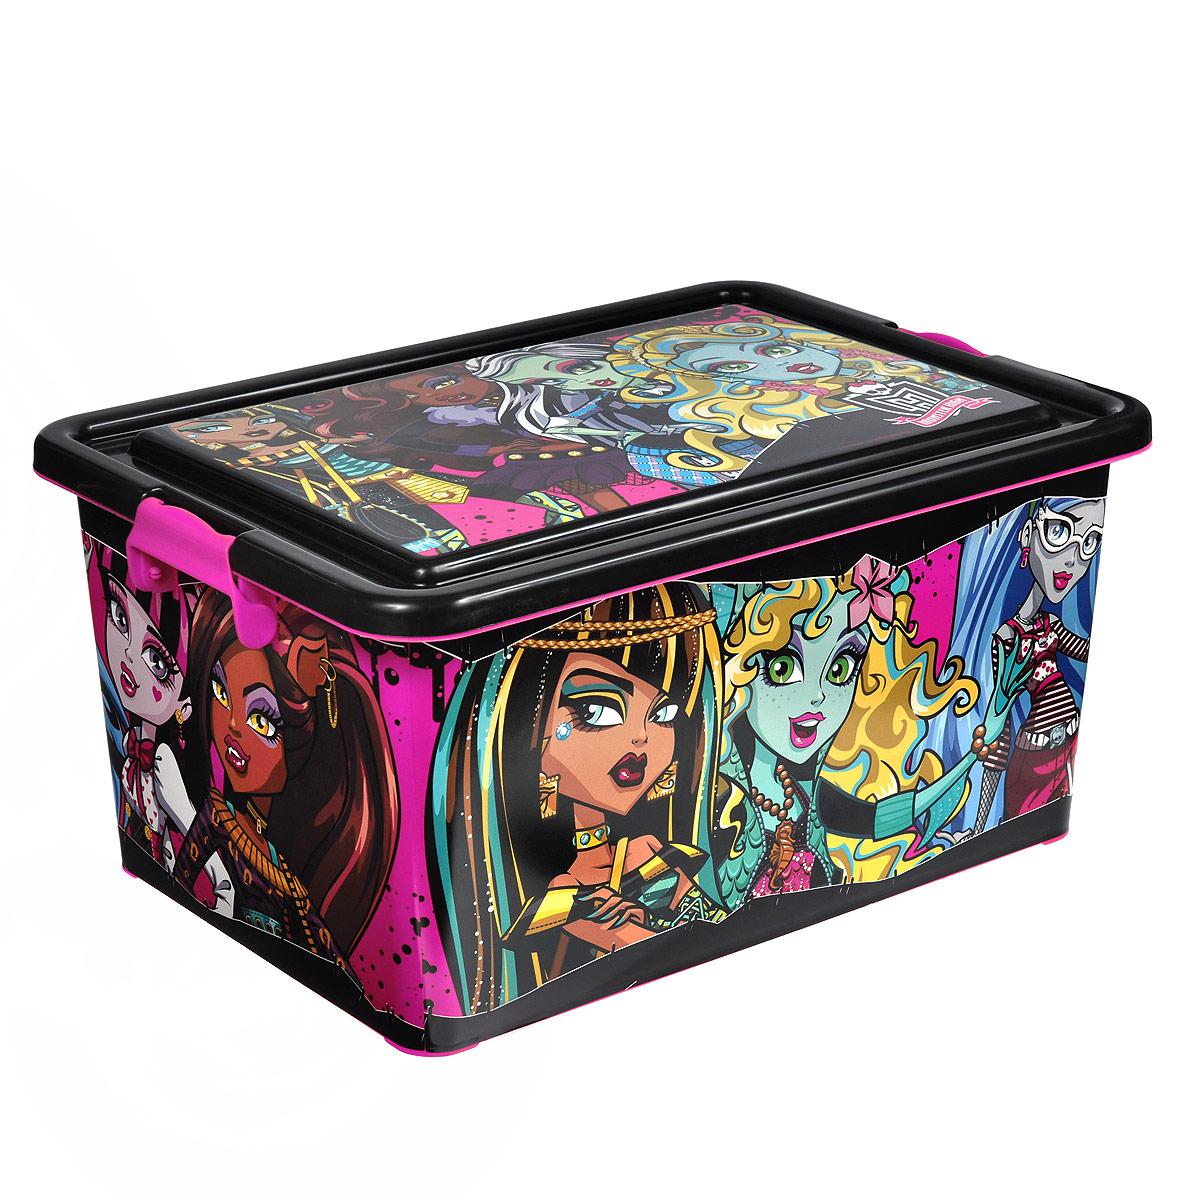 Monster High Коробка для хранения 23 л4646Коробка для хранения Monster High выполнена из пластика, очень удобная и практичная вещь для любой детской комнаты. В нее поместятся многие игрушки вашего ребенка. С ее помощью можно легко научить ребенка наводить порядок самостоятельно. Яркая расцветка и веселый дизайн ящика станет замечательным украшением детской комнаты.